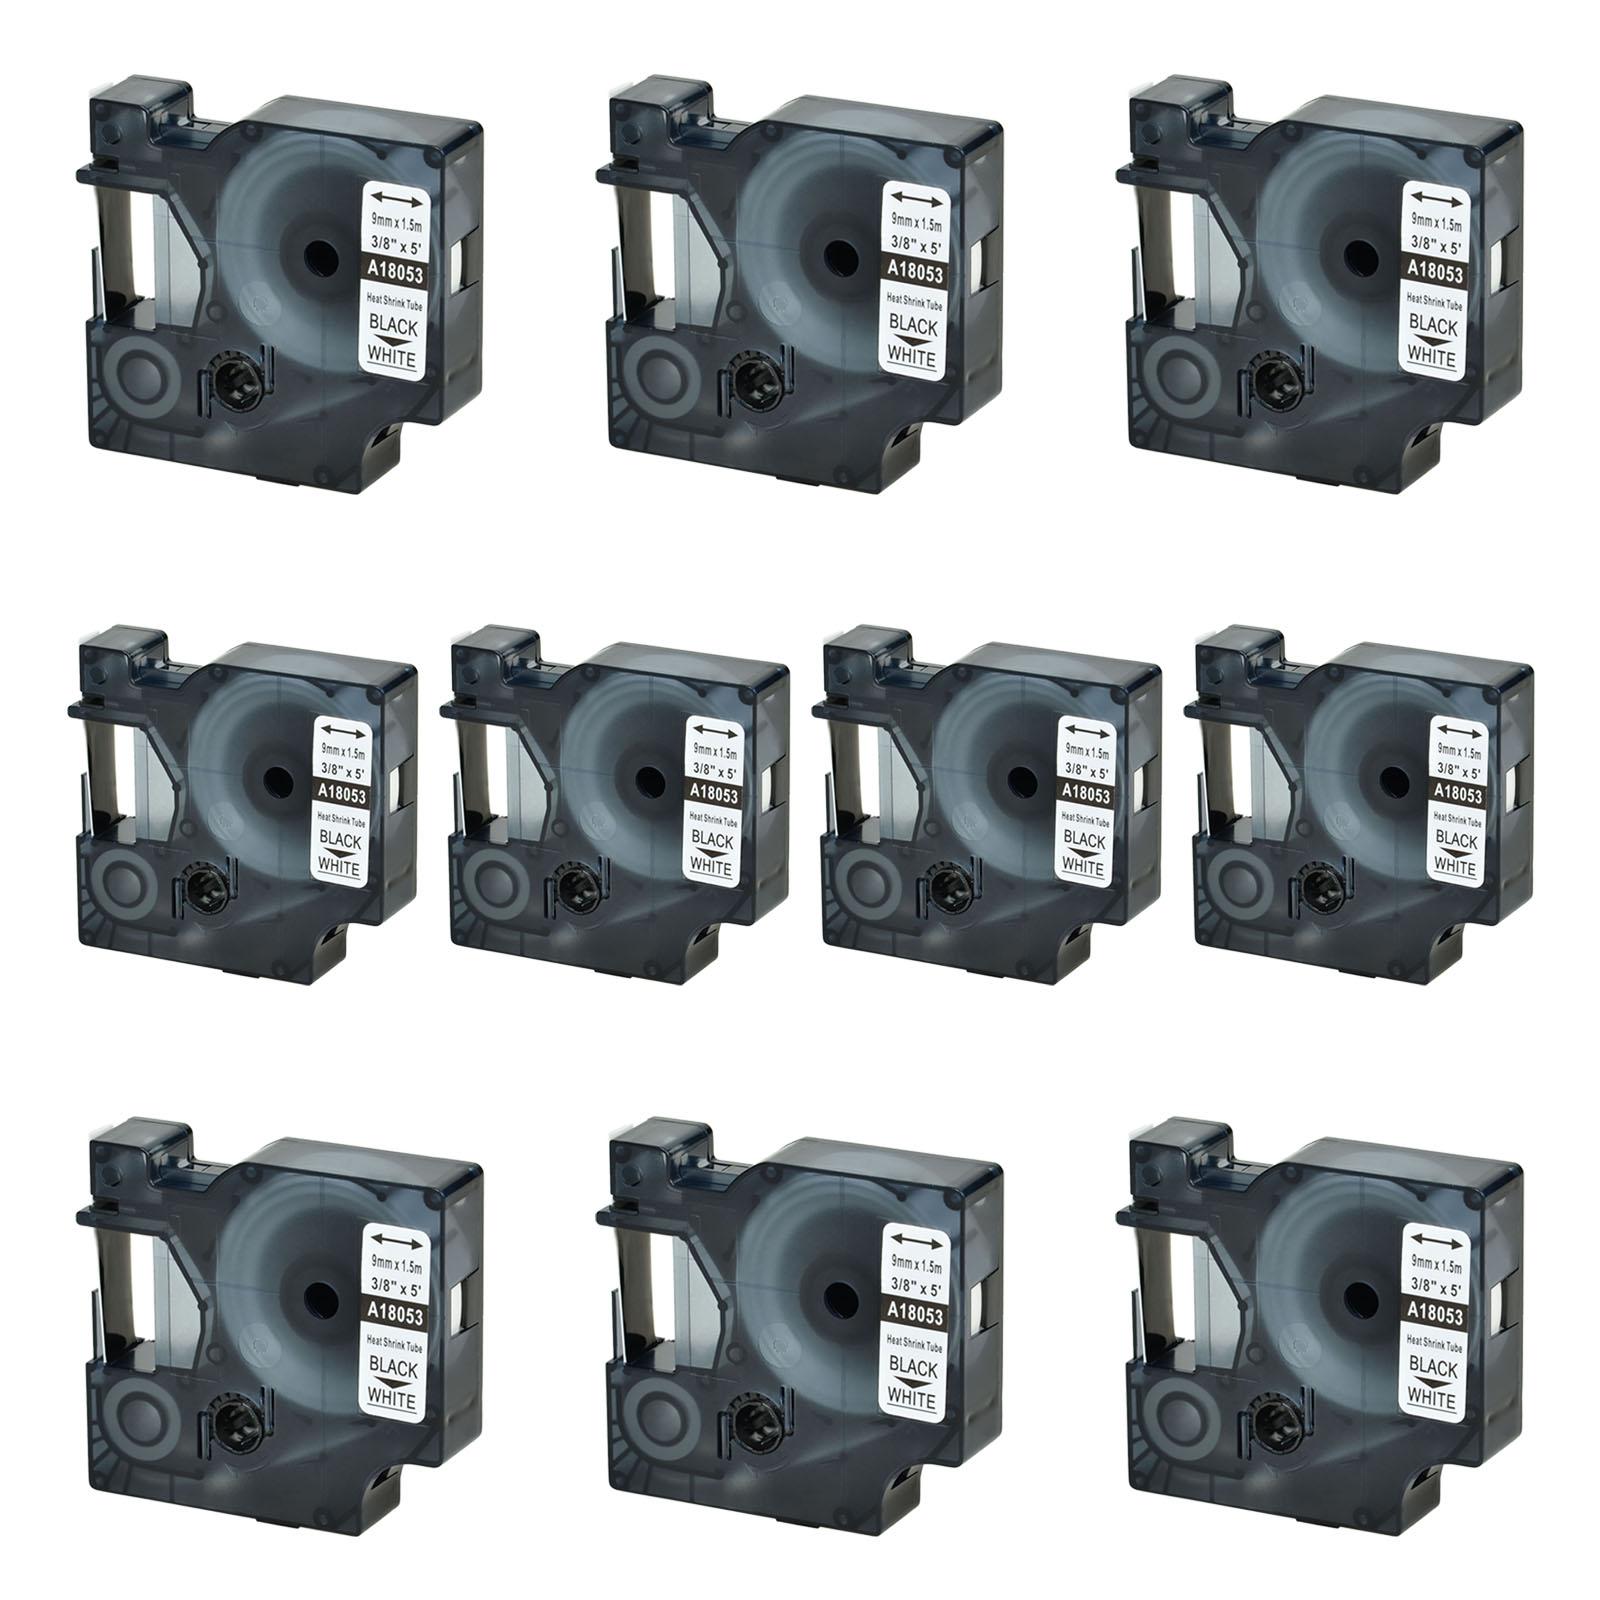 10x 18053 Schrumpfschlauch Industriel Etikettenband für DYMO Rhino 4200 5200 9mm